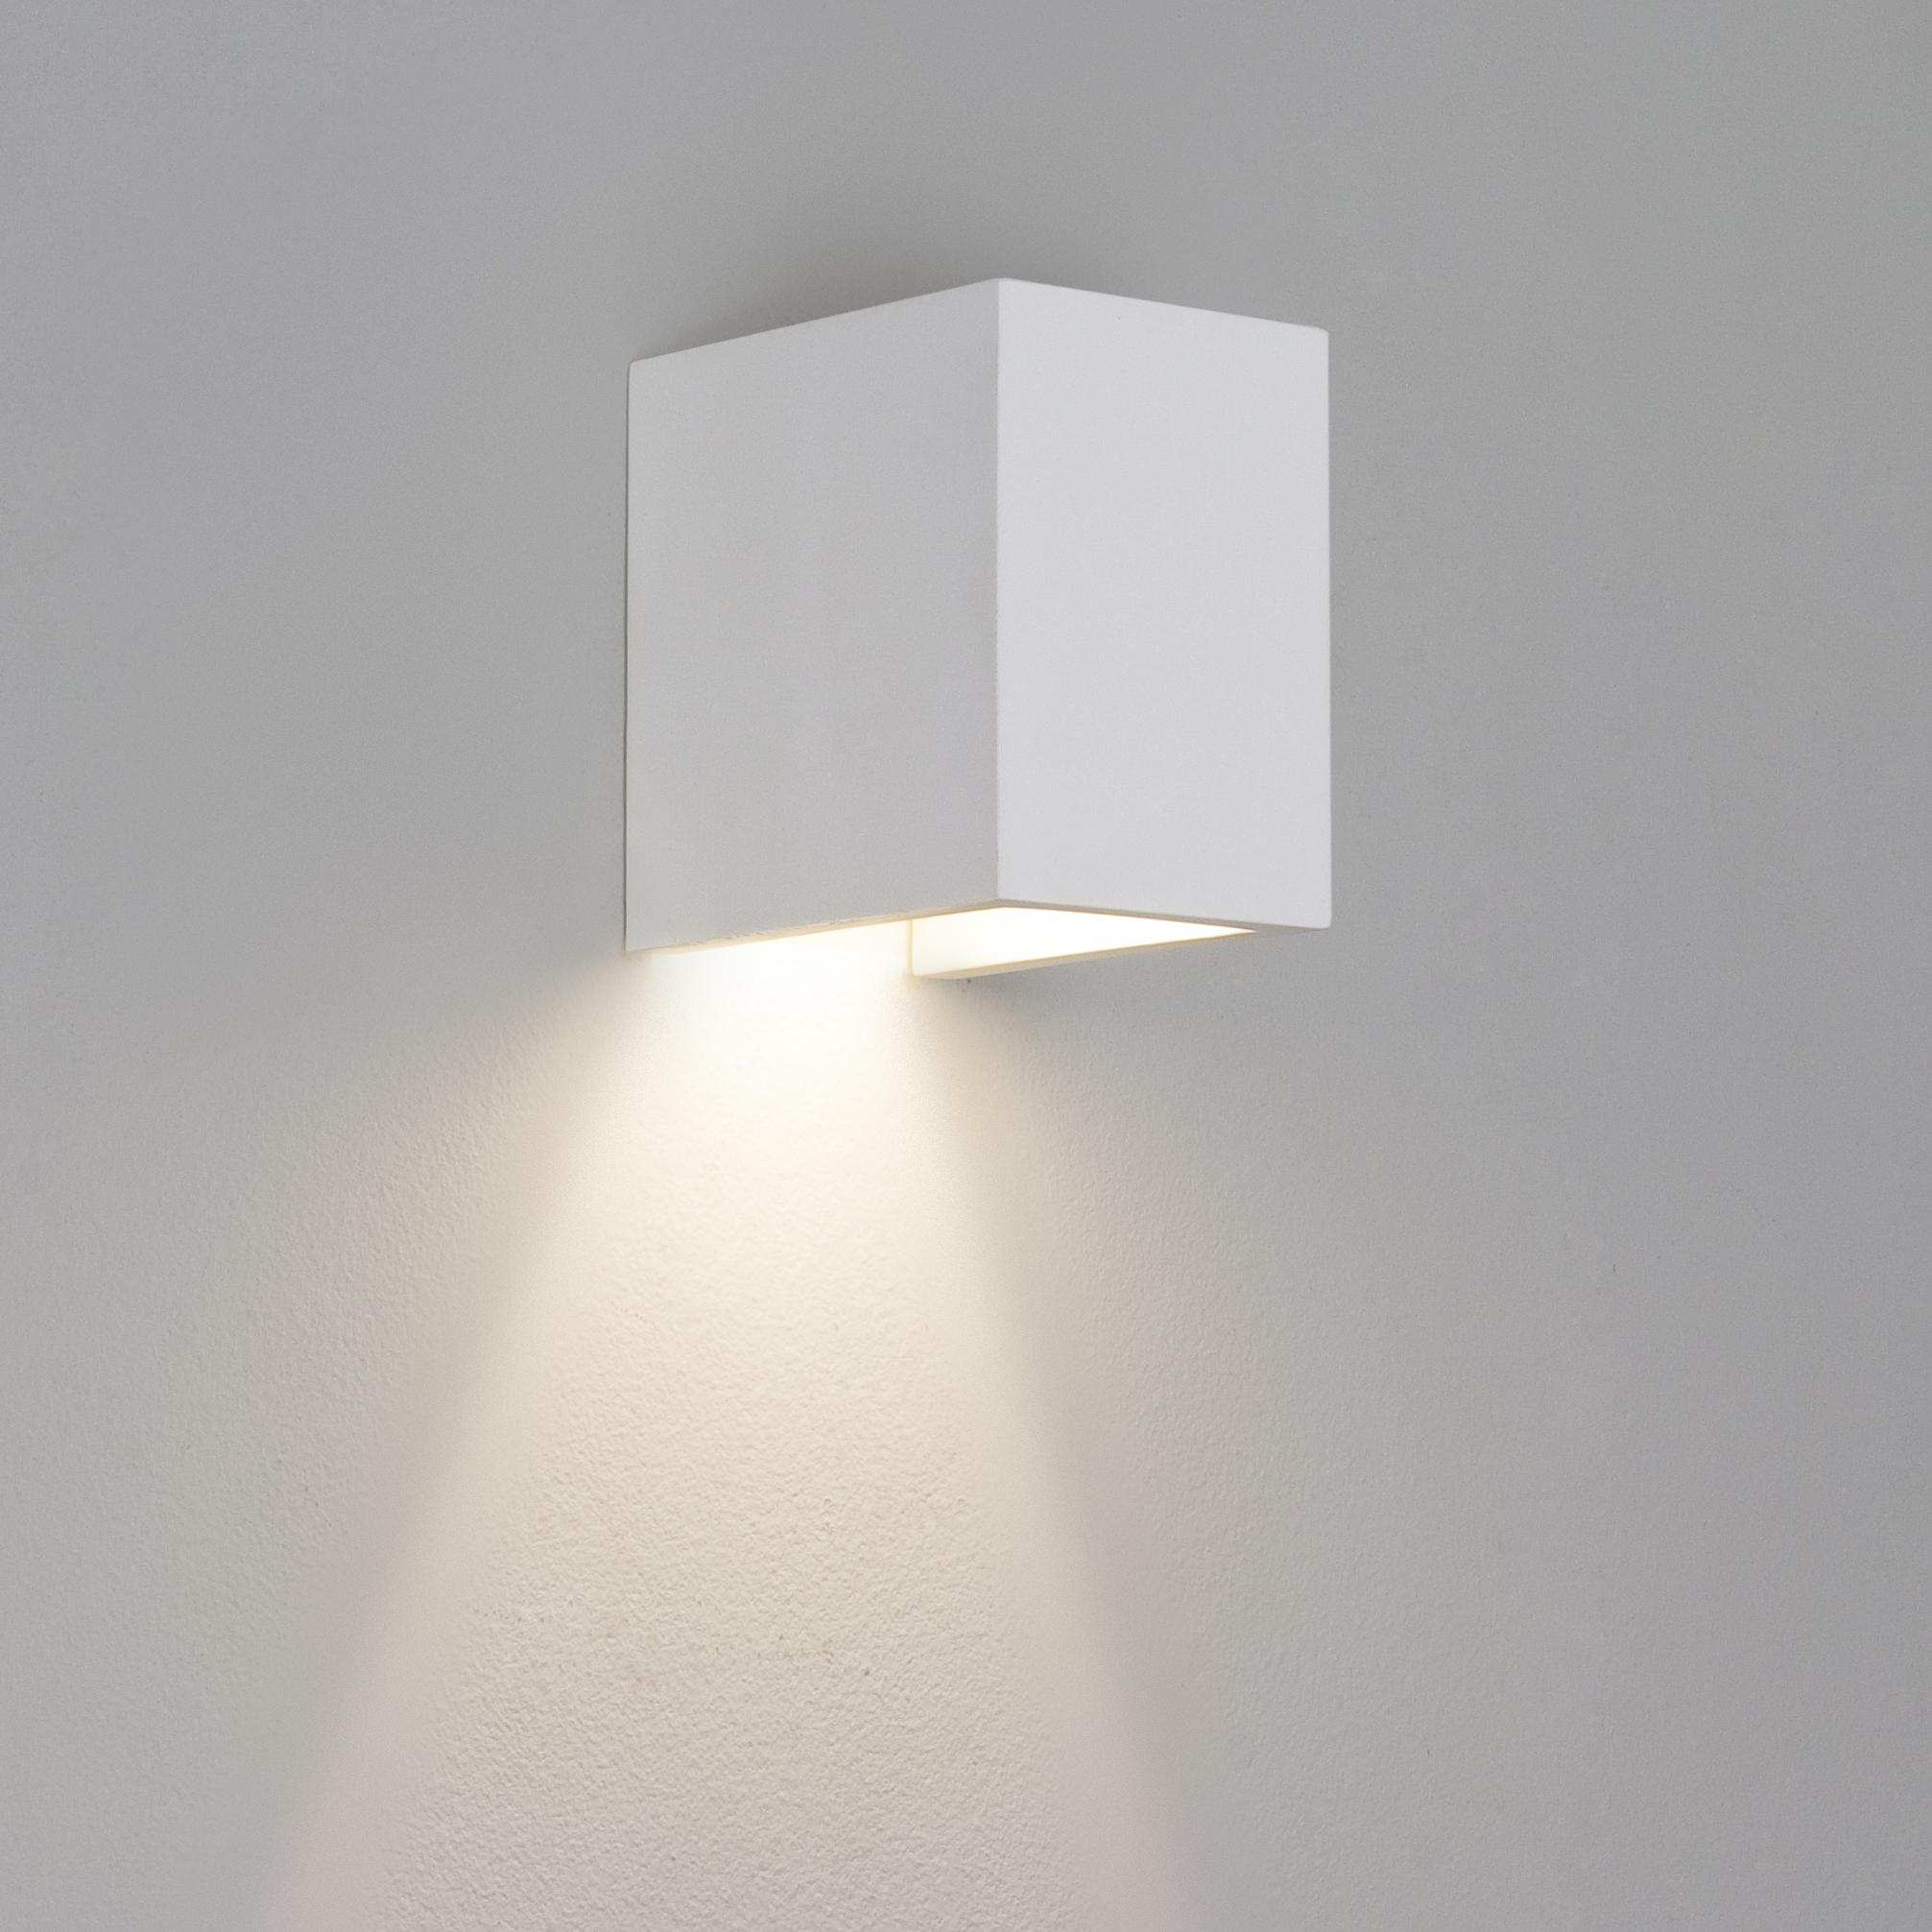 Astro 1187009 Parma 110 W/Lgt White